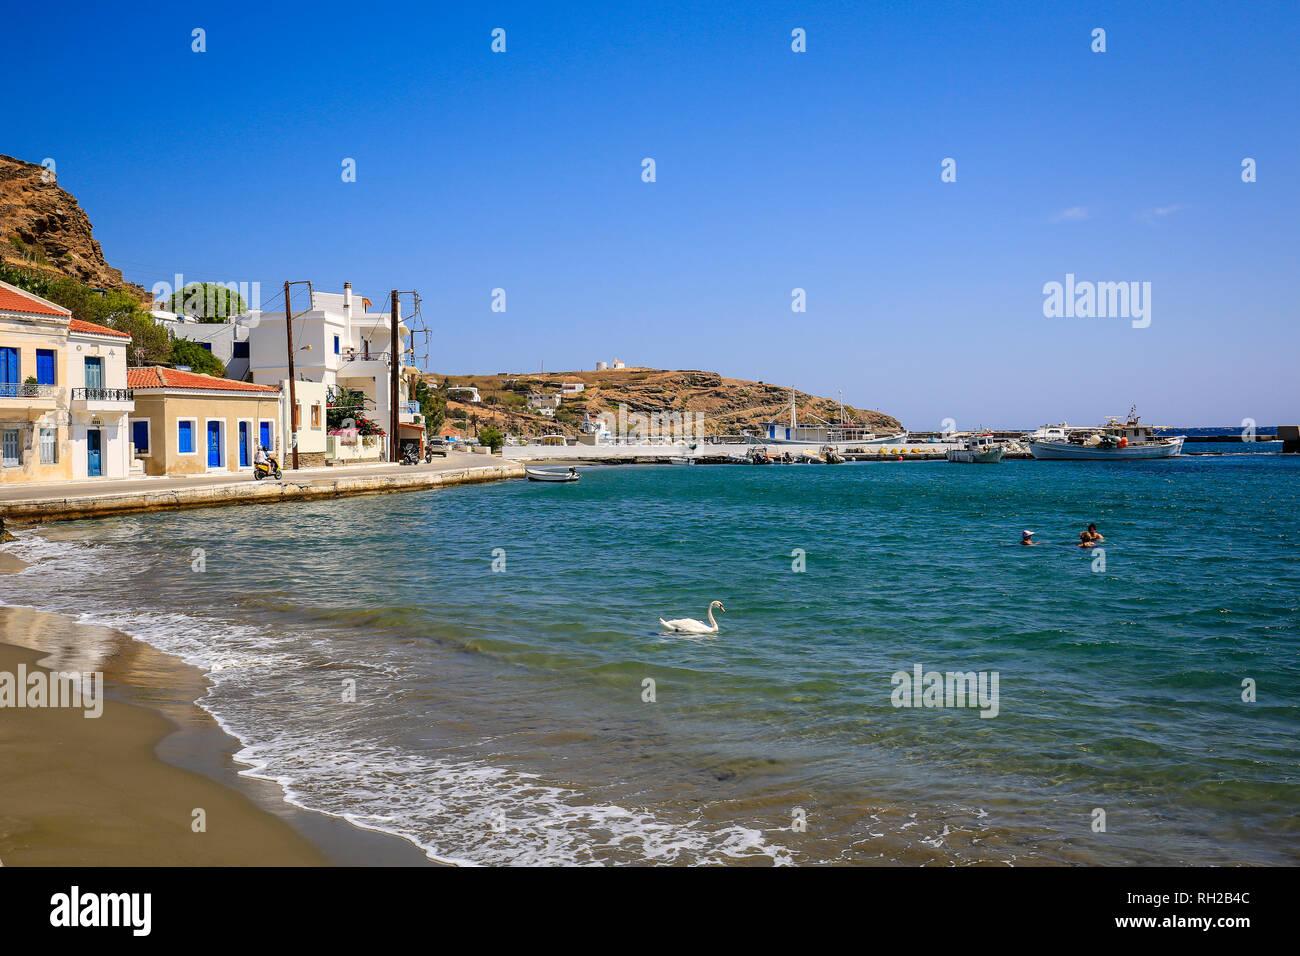 Ormos Korthiou, Andros Island, Cyclades, Greece - Beach in the fishing village of Ormos Korthiou.  Ormos Korthiou, Insel Andros, Kykladen, Griechenlan Stock Photo